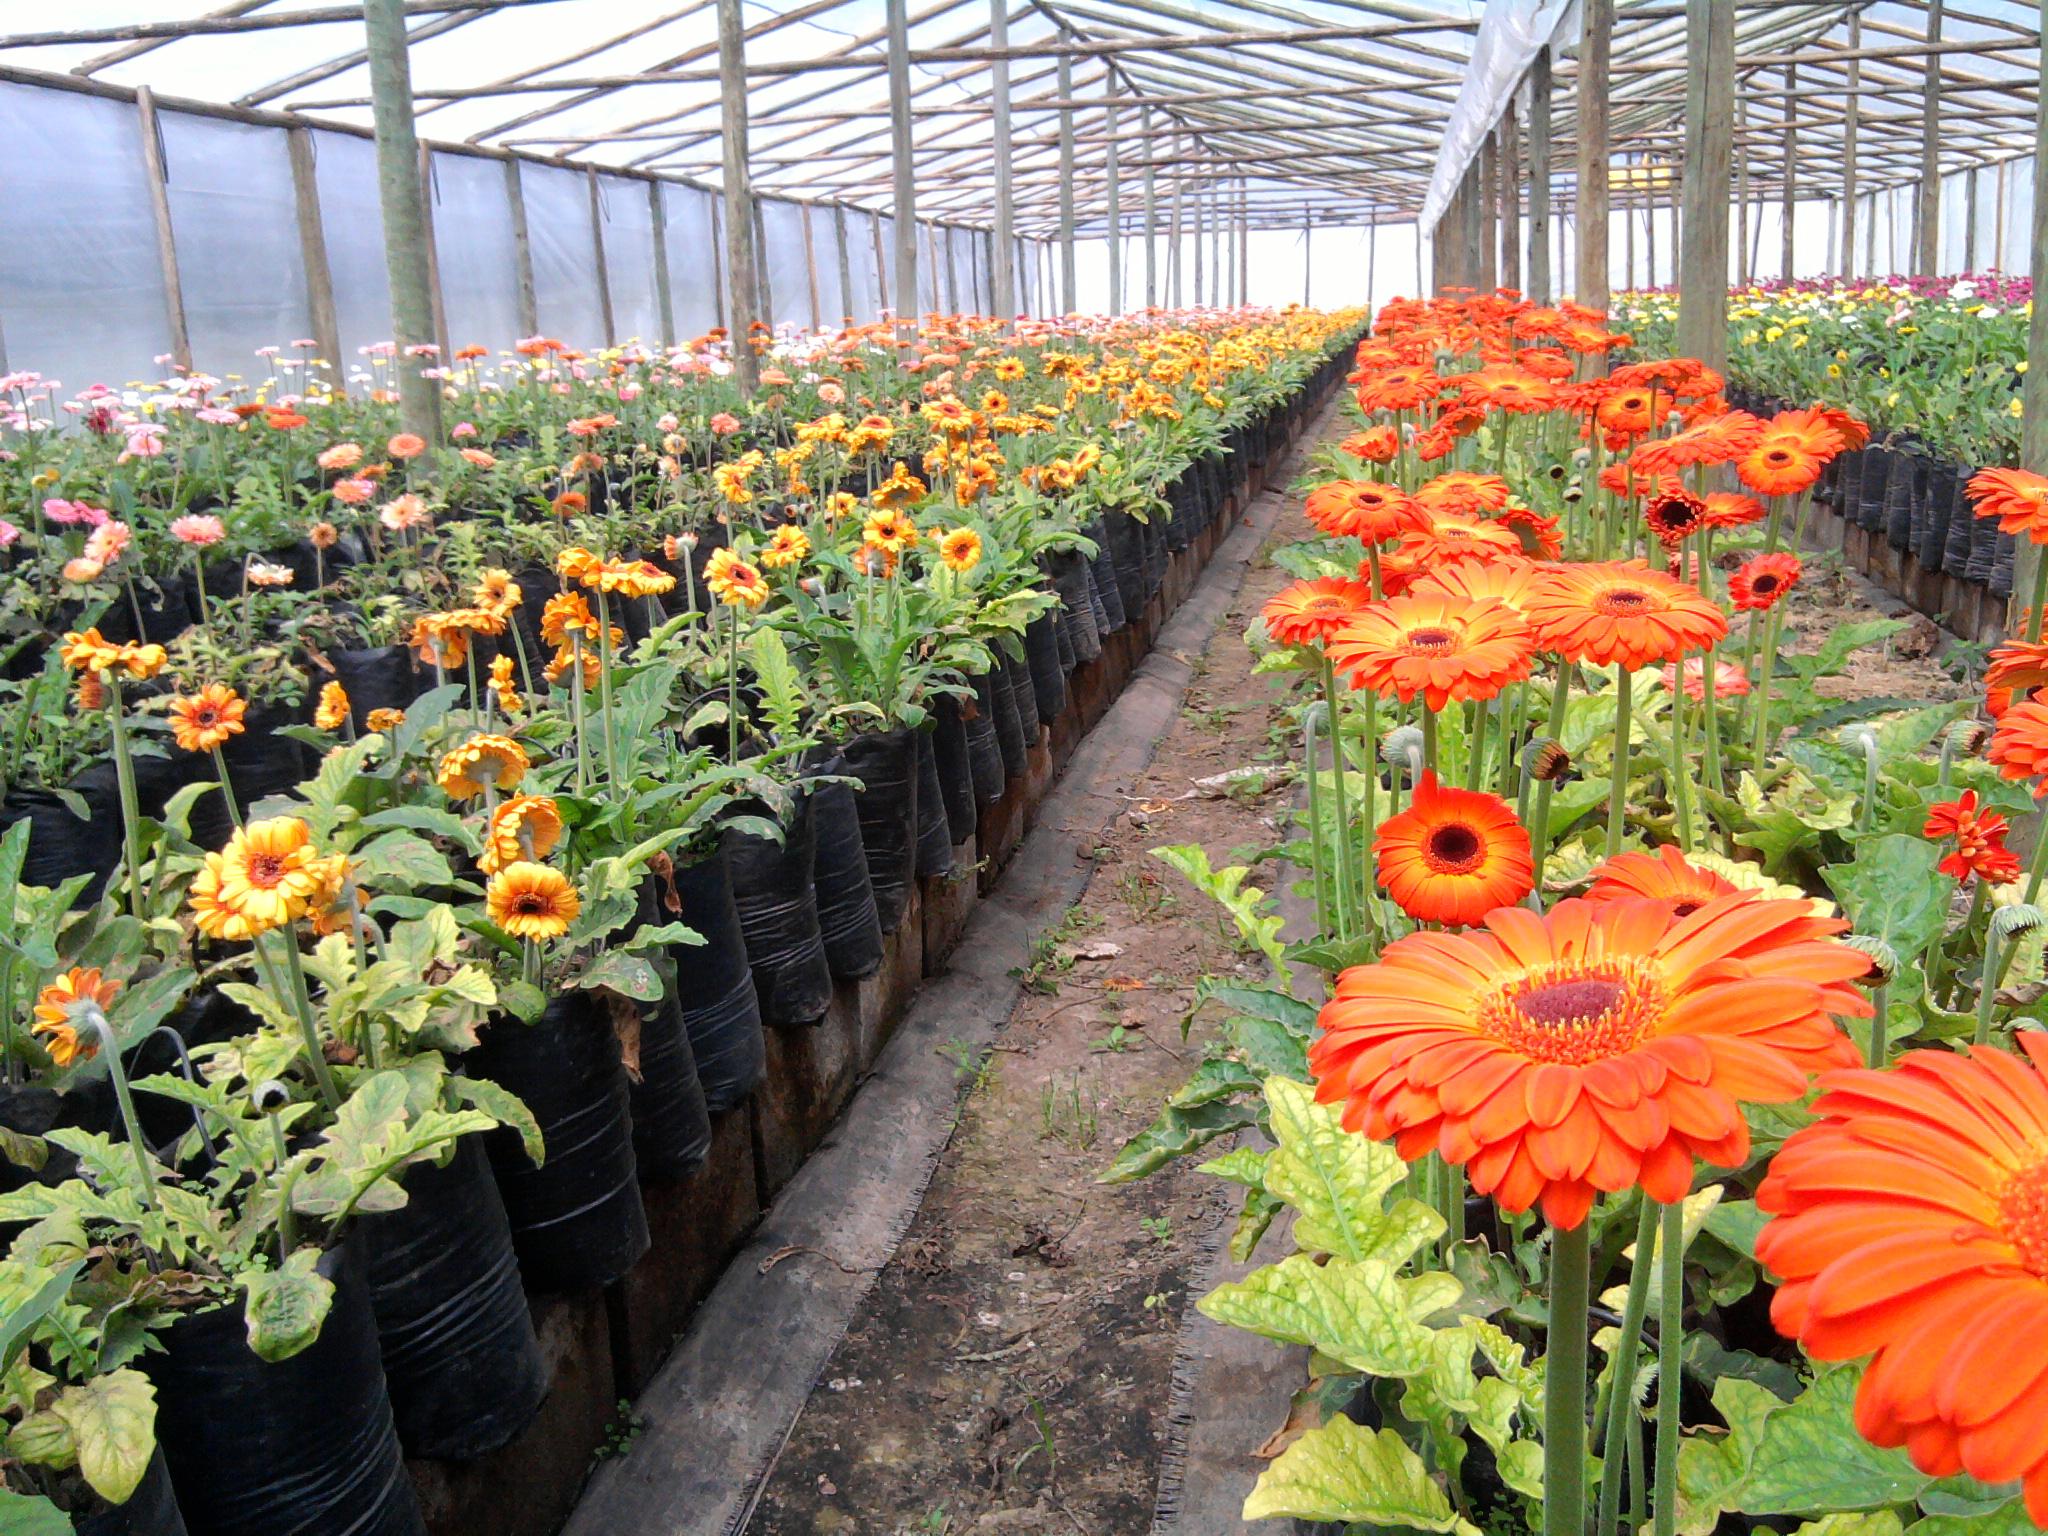 Vivero flores musacco flores musacco for Viveros y plantas